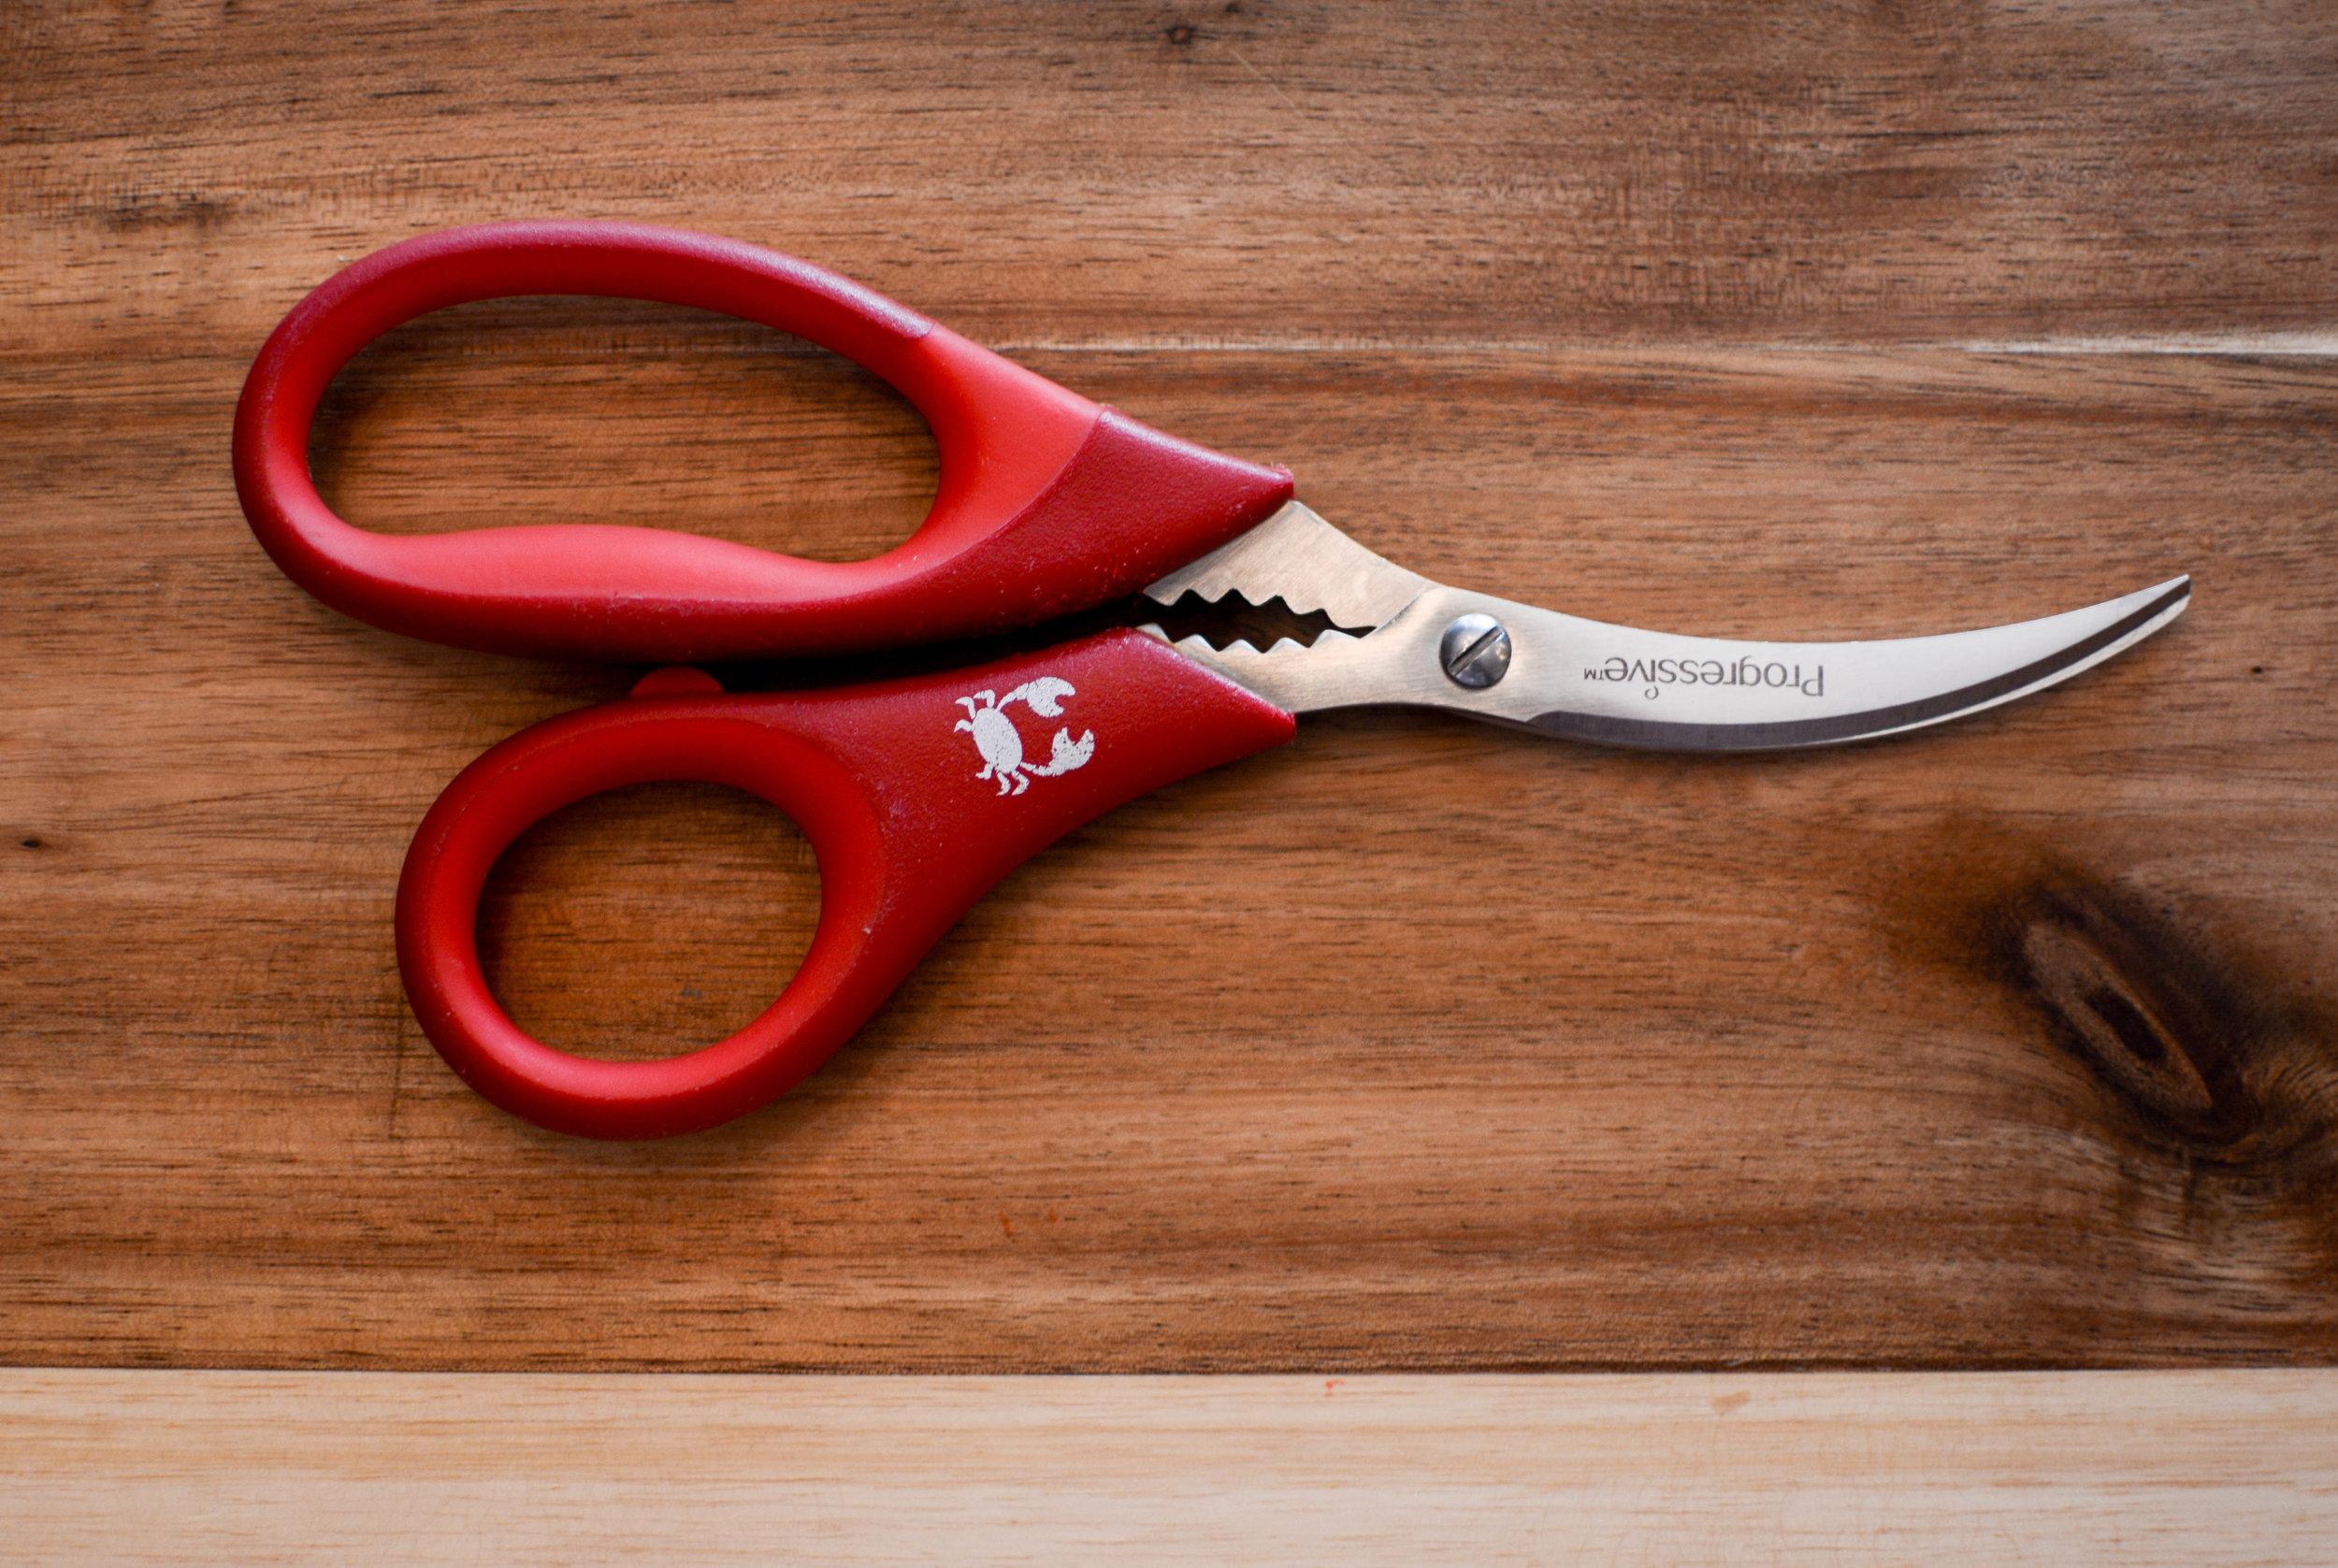 crab scissors